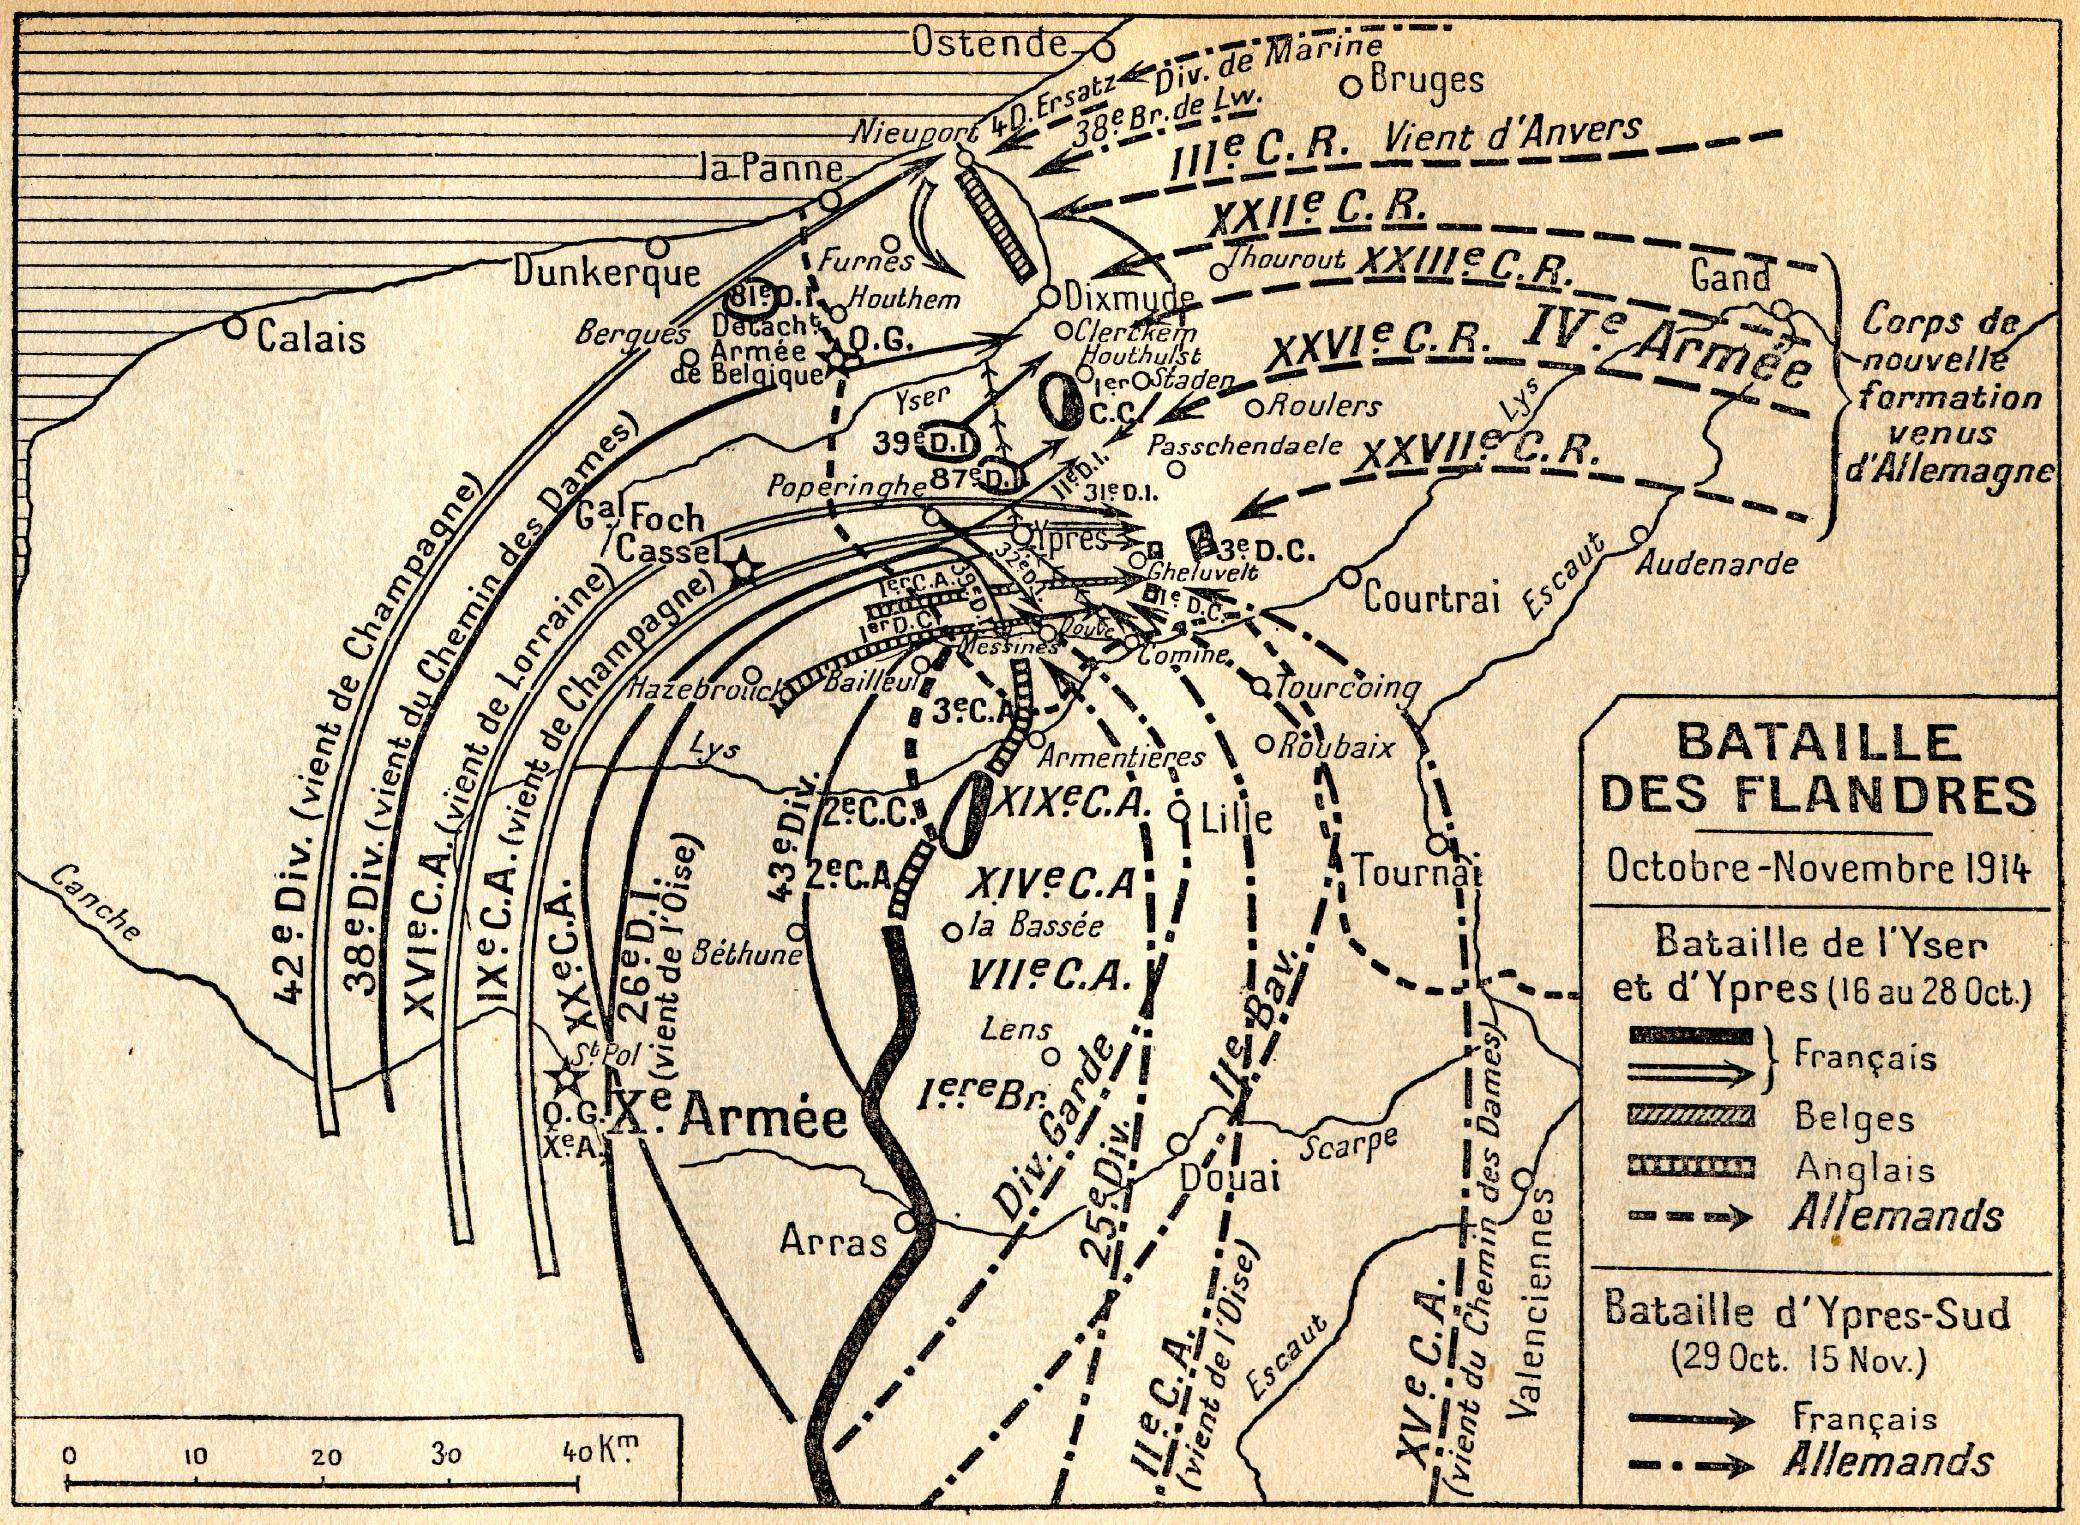 bataille des Flandes en octobre et novembre 1914